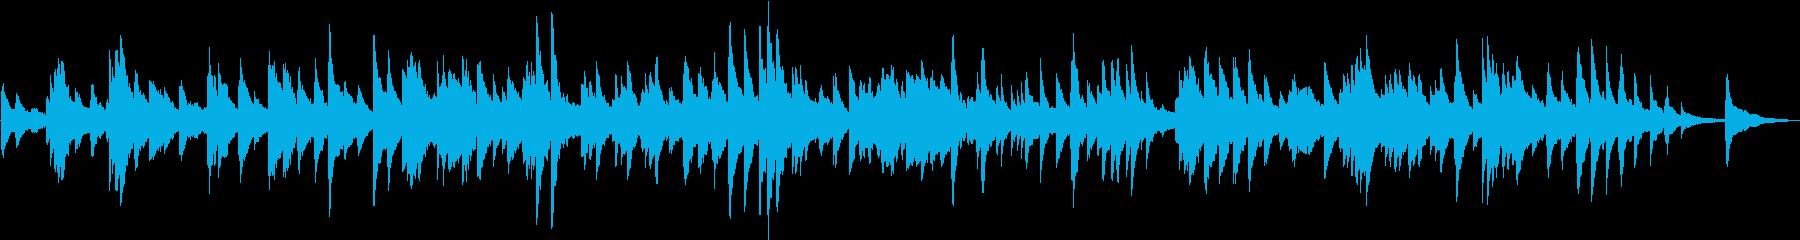 生演奏 シンプルな優しいピアノ曲の再生済みの波形